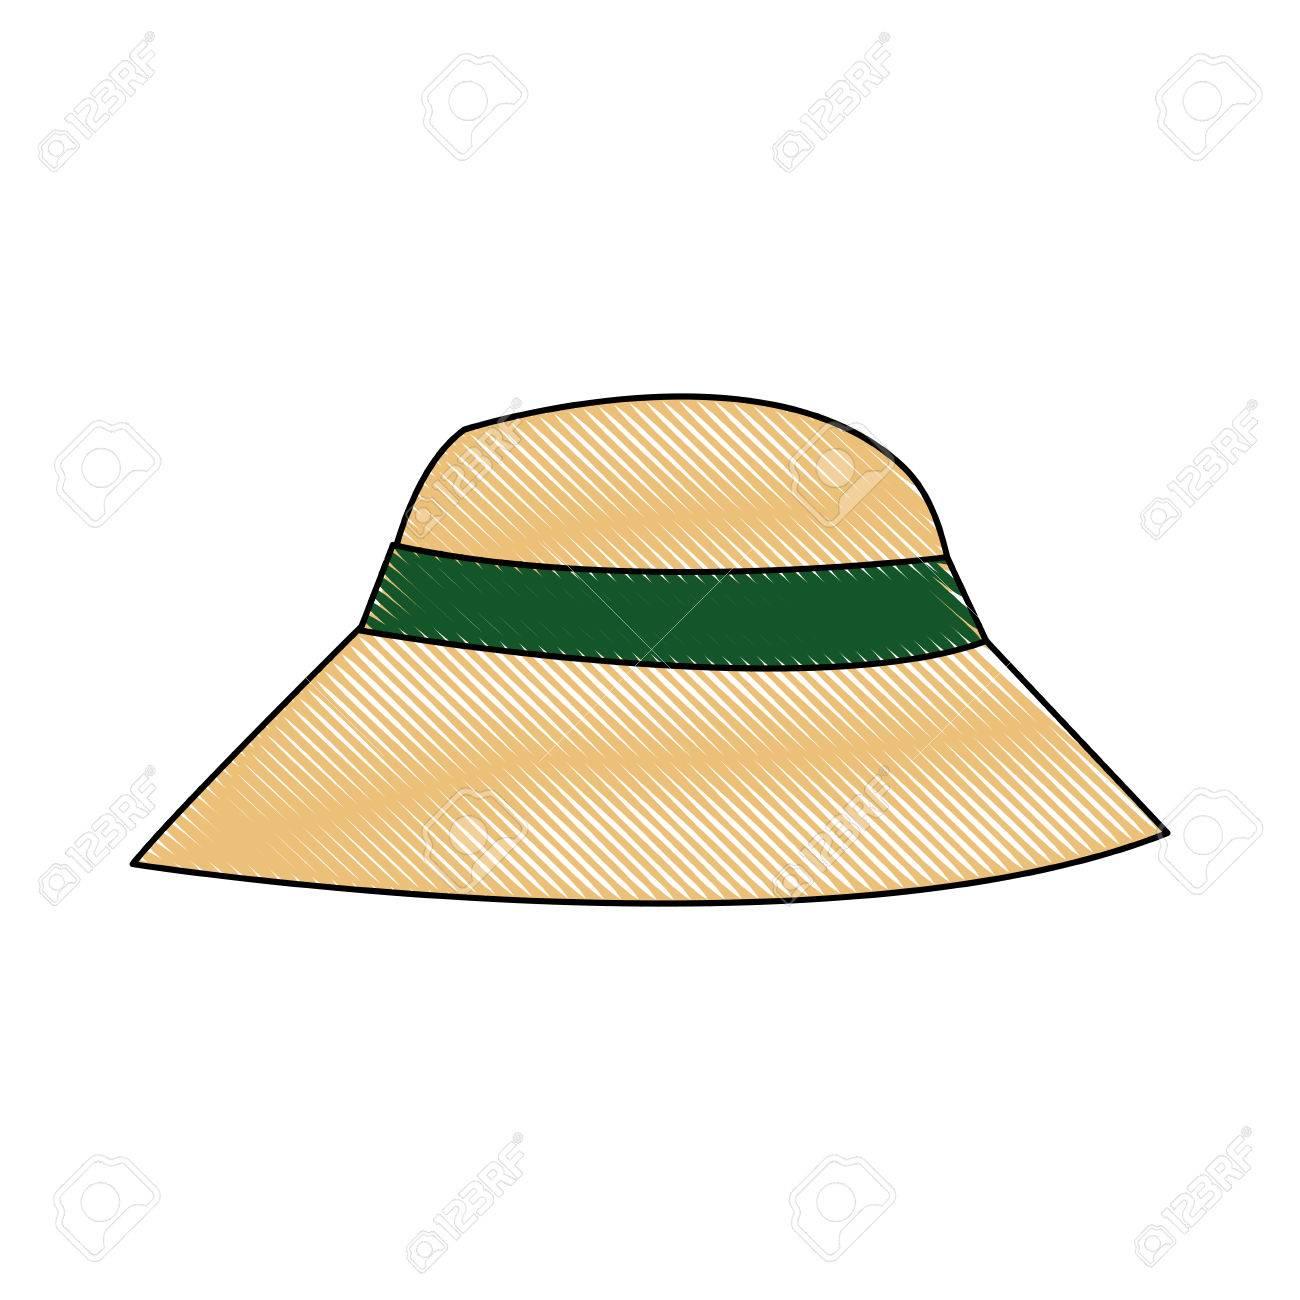 美しい帽子夏太陽フロッピー イメージ ベクトル イラスト ロイヤリティ